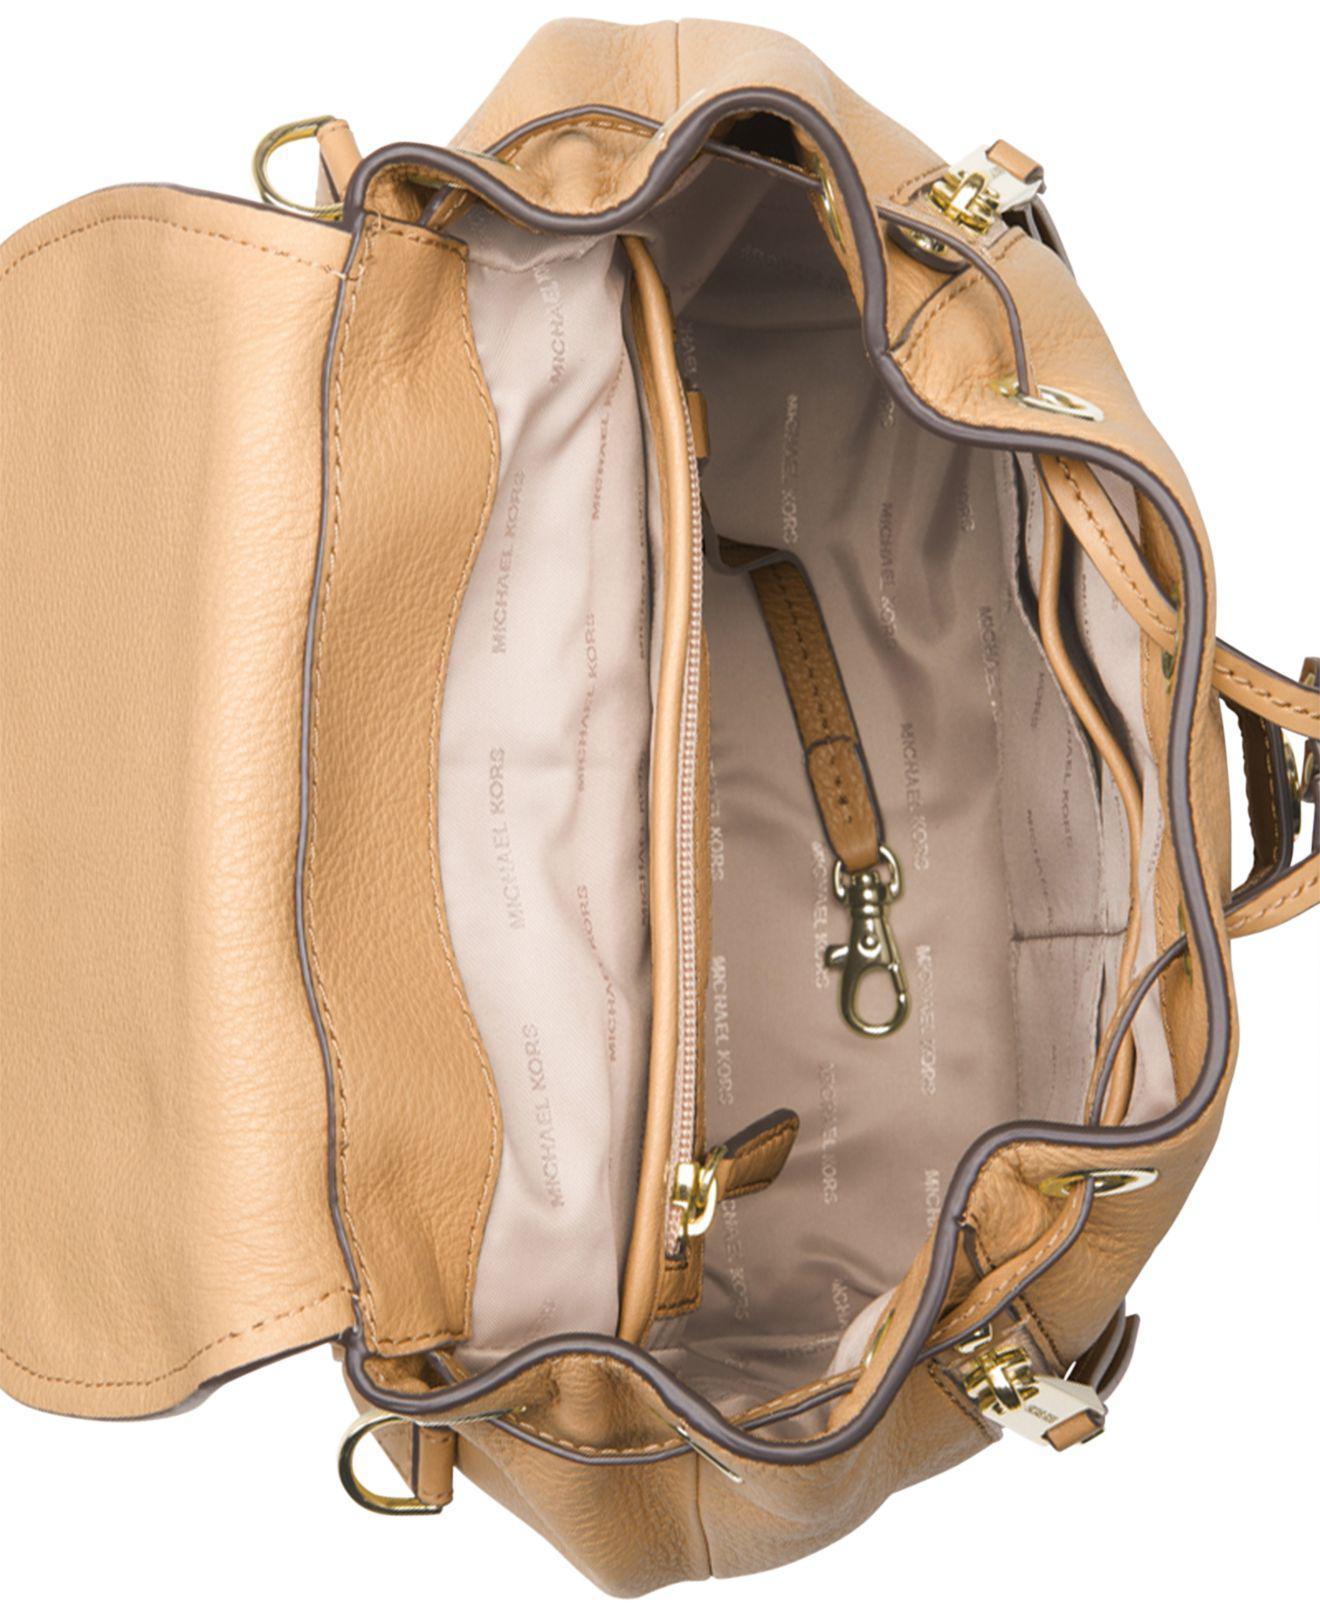 14fbb18da2f0 Michael Kors Michael Evie Small Flower Garden Backpack in Metallic ...